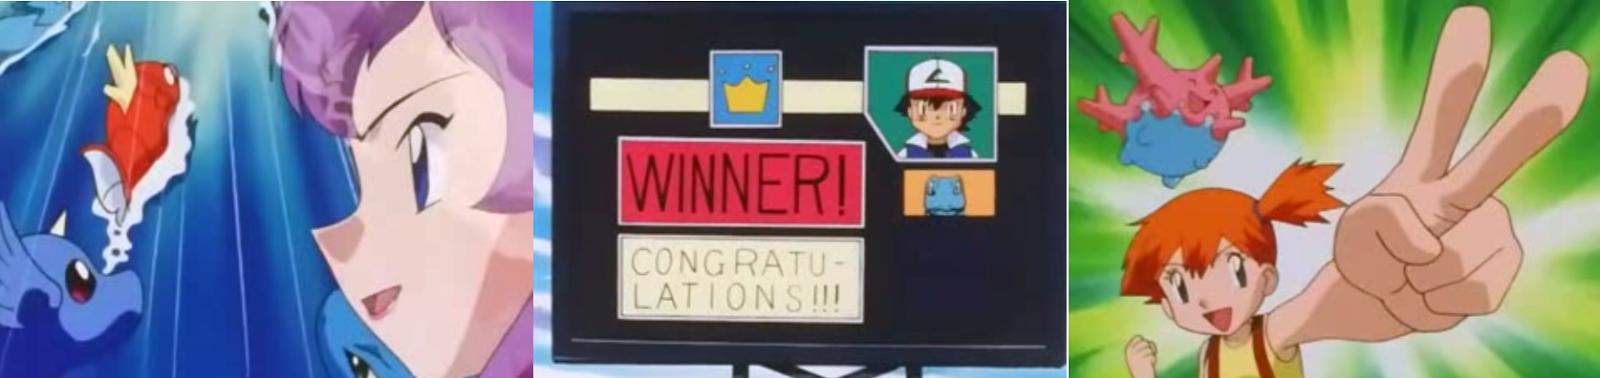 Pokémon - Capítulo 7 - Temporada 5 - Audio Latino